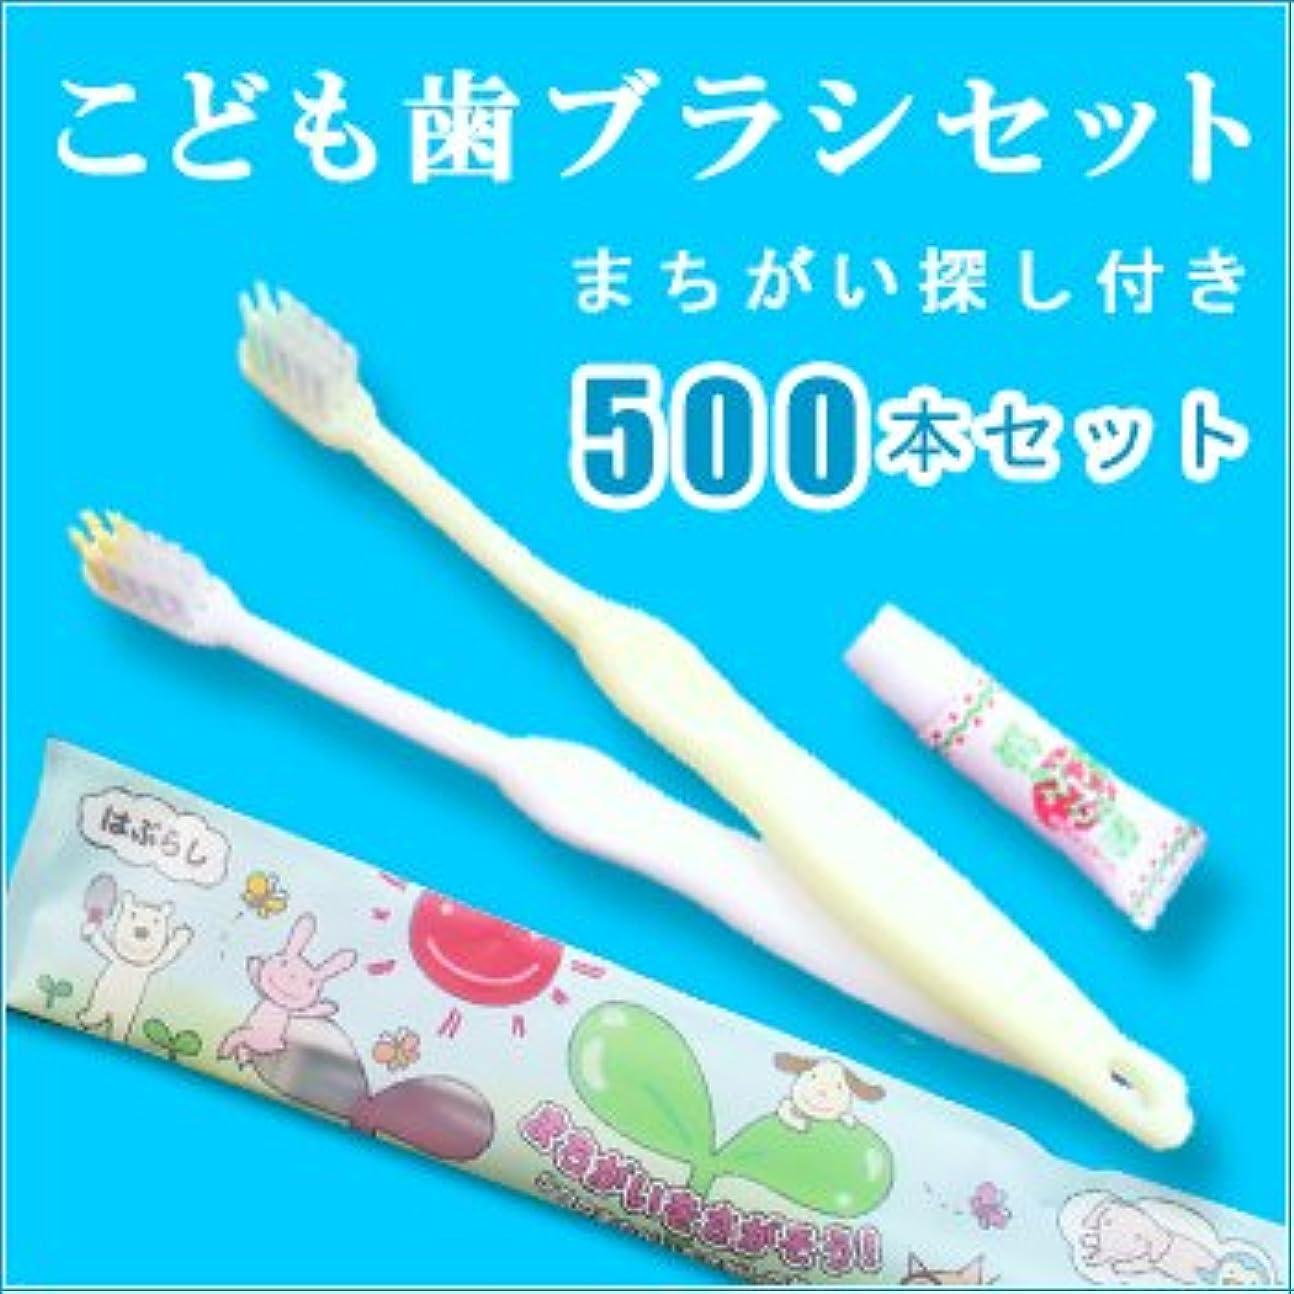 帰る煩わしいライセンスこども用歯ブラシ いちご味の歯磨き粉 3gチューブ付 ホワイト?イエロー2色アソート(1セット500本)1本当たり34円